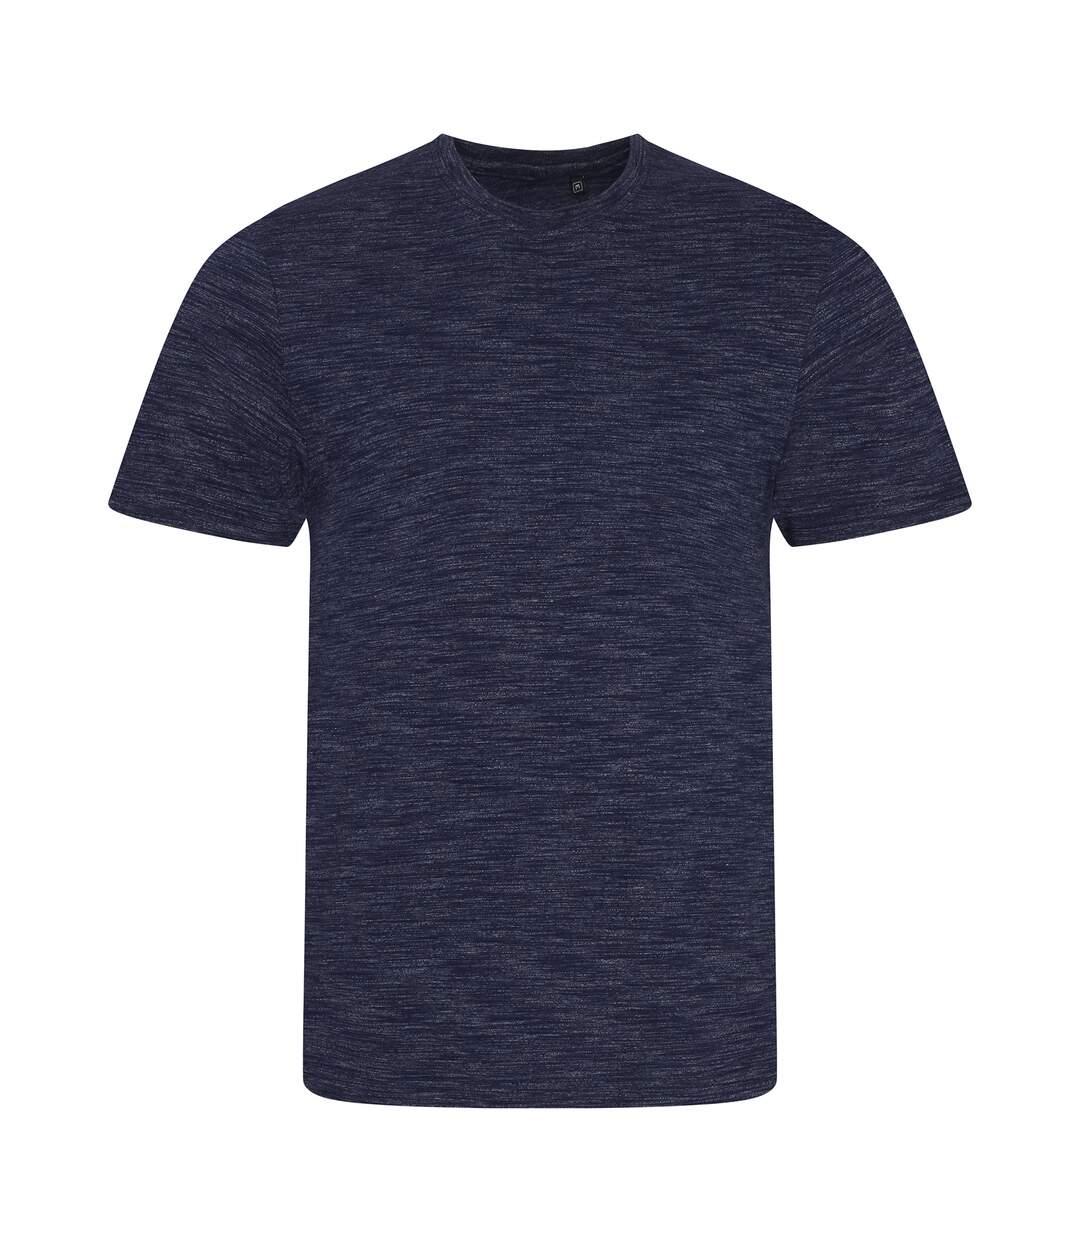 AWDis Mens Cosmic Blend T-Shirt (Cosmic Navy/Cosmic White) - UTPC2977